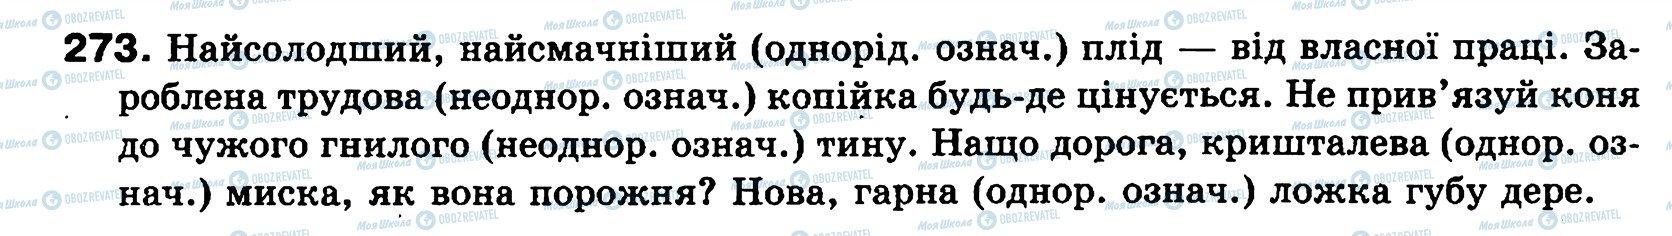 ГДЗ Українська мова 8 клас сторінка 273